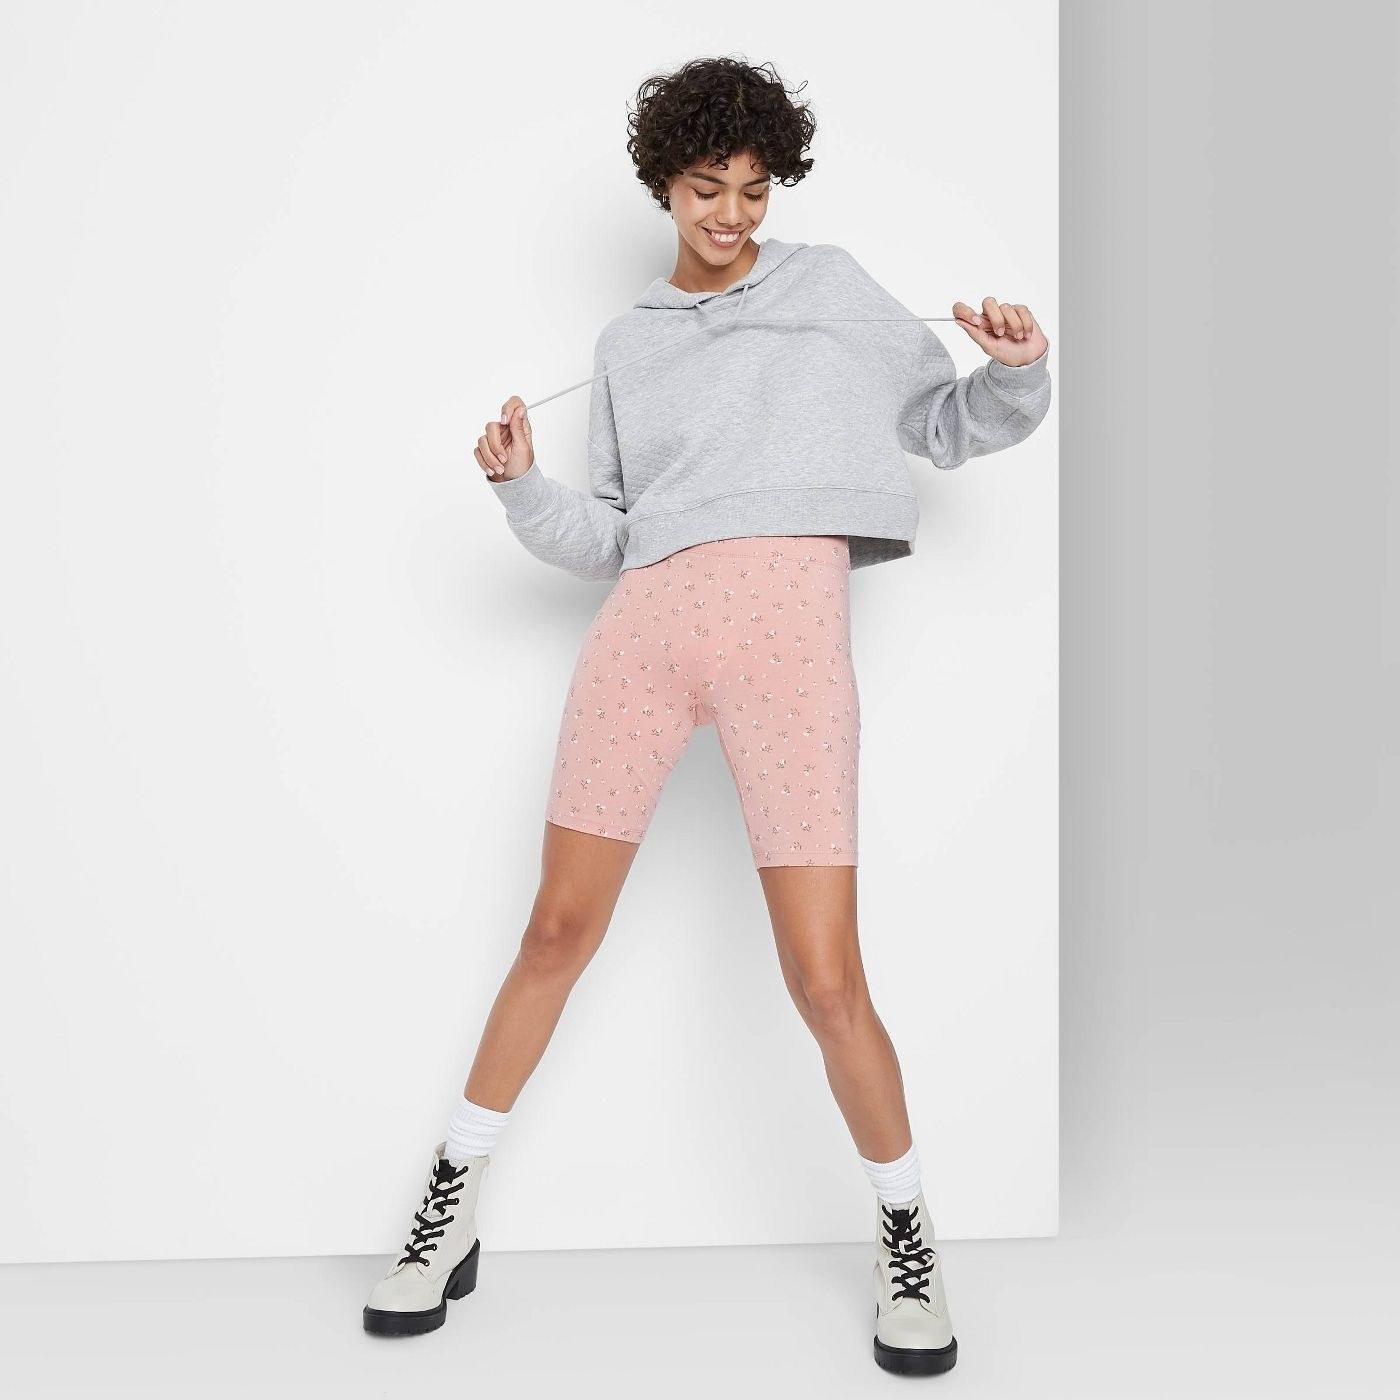 Model in high-rise bike shorts